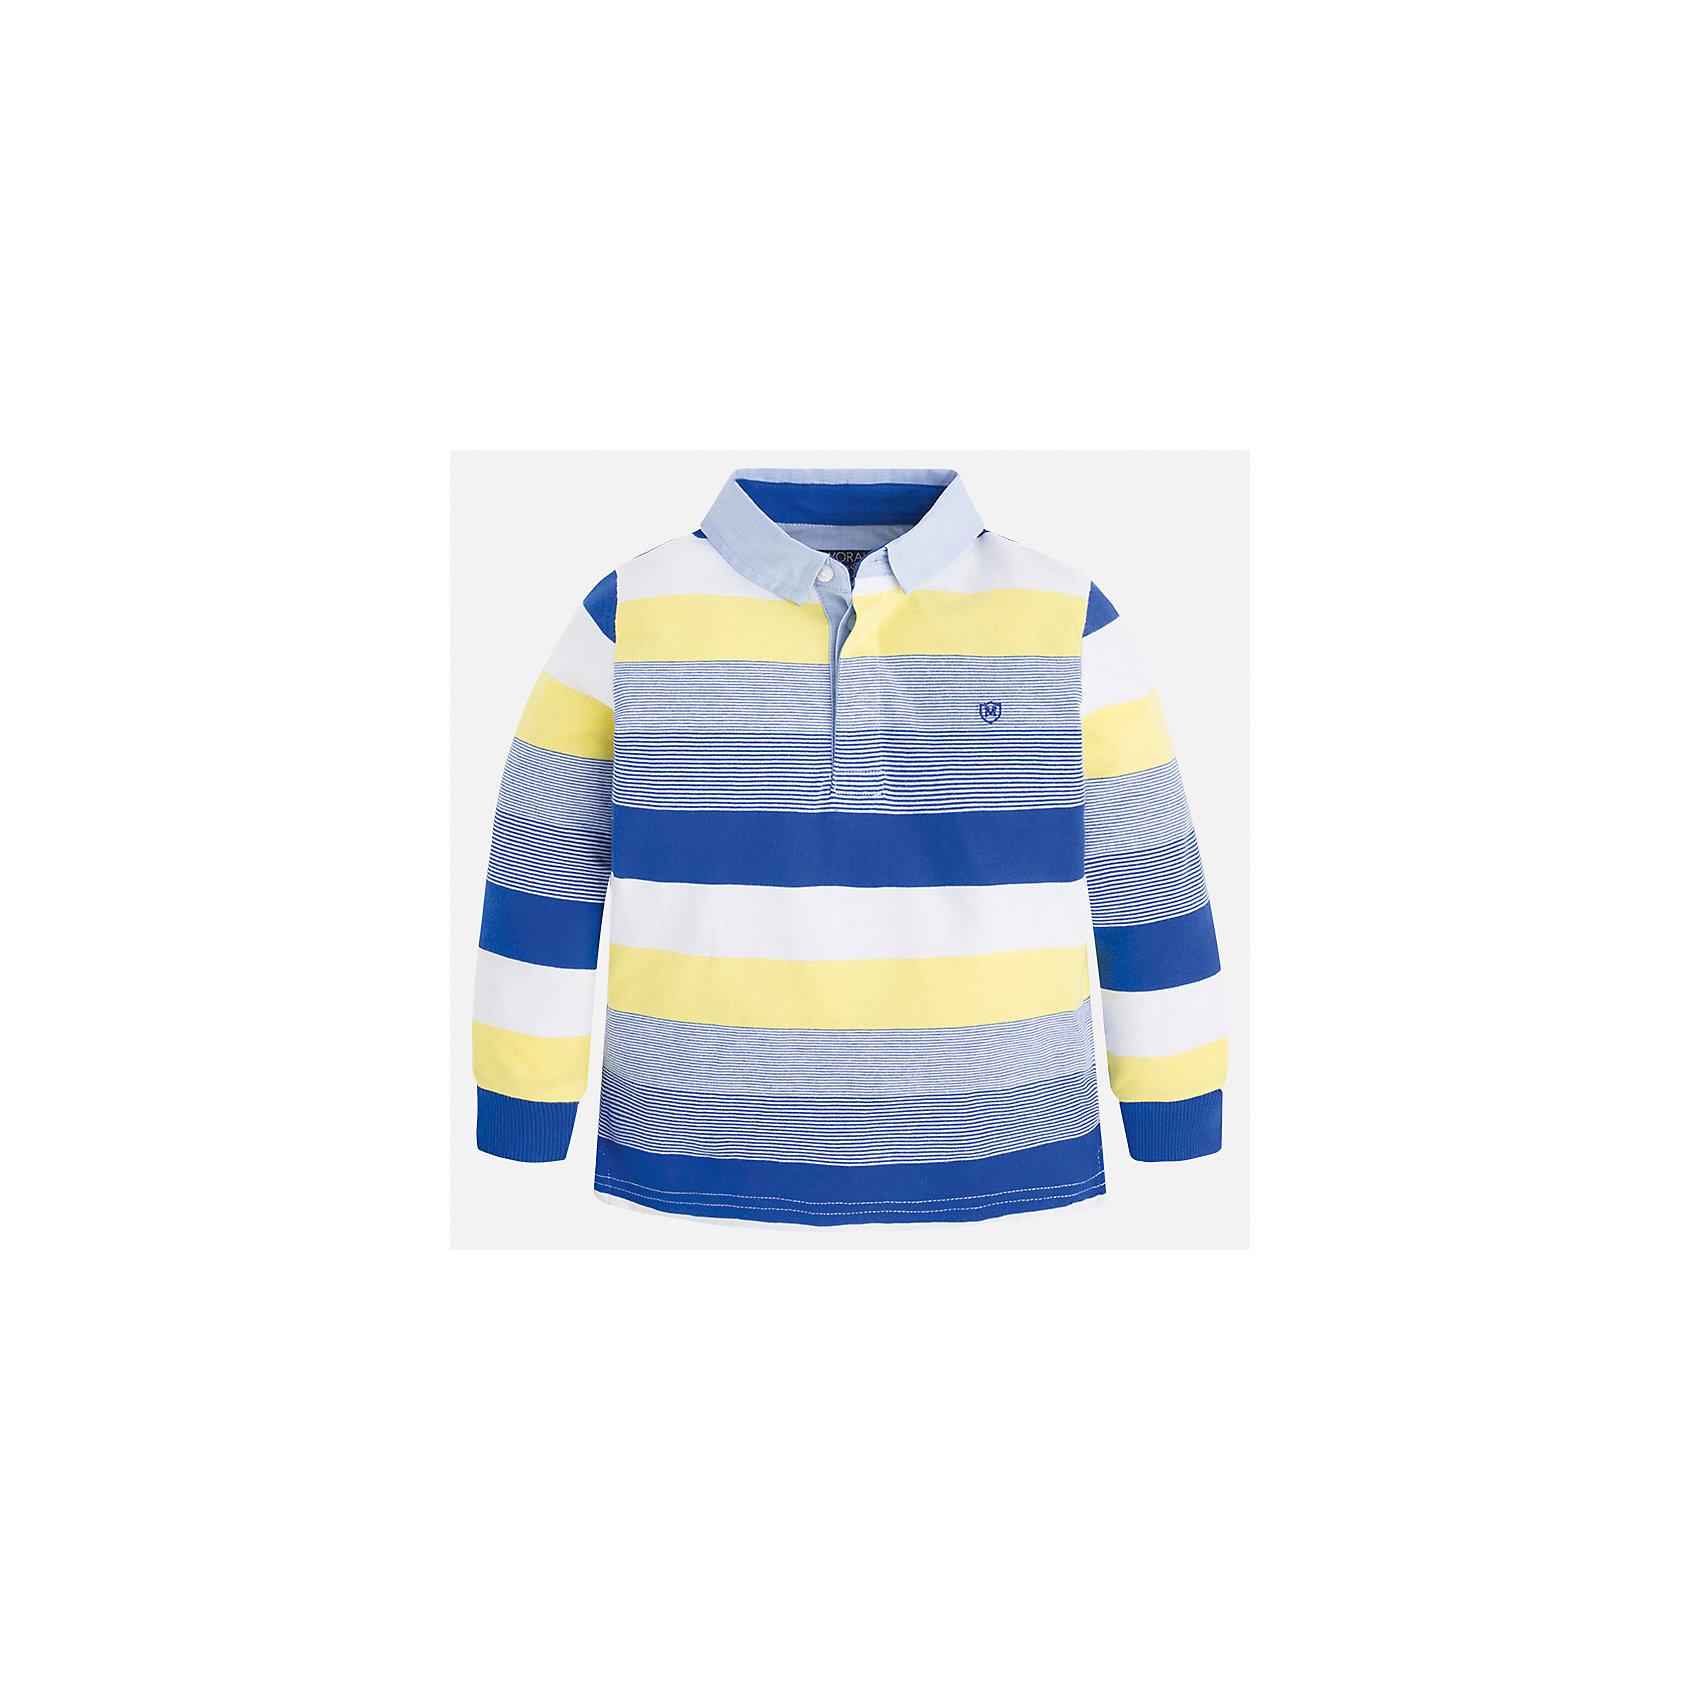 Футболка-поло с длинным рукавом для мальчика MayoralПолоска<br>Характеристики товара:<br><br>• цвет: синий/белый/желтый<br>• состав: 100% хлопок<br>• отложной воротник<br>• длинные рукава<br>• застежка: пуговицы<br>• вышивка на груди<br>• страна бренда: Испания<br><br>Удобная модная рубашка-поло для мальчика может стать базовой вещью в гардеробе ребенка. Она отлично сочетается с брюками, шортами, джинсами и т.д. Универсальный крой и цвет позволяет подобрать к вещи низ разных расцветок. Практичное и стильное изделие! В составе материала - только натуральный хлопок, гипоаллергенный, приятный на ощупь, дышащий.<br><br>Одежда, обувь и аксессуары от испанского бренда Mayoral полюбились детям и взрослым по всему миру. Модели этой марки - стильные и удобные. Для их производства используются только безопасные, качественные материалы и фурнитура. Порадуйте ребенка модными и красивыми вещами от Mayoral! <br><br>Рубашку-поло для мальчика от испанского бренда Mayoral (Майорал) можно купить в нашем интернет-магазине.<br><br>Ширина мм: 230<br>Глубина мм: 40<br>Высота мм: 220<br>Вес г: 250<br>Цвет: голубой<br>Возраст от месяцев: 48<br>Возраст до месяцев: 60<br>Пол: Мужской<br>Возраст: Детский<br>Размер: 110,134,128,122,116,104,98,92<br>SKU: 5272135